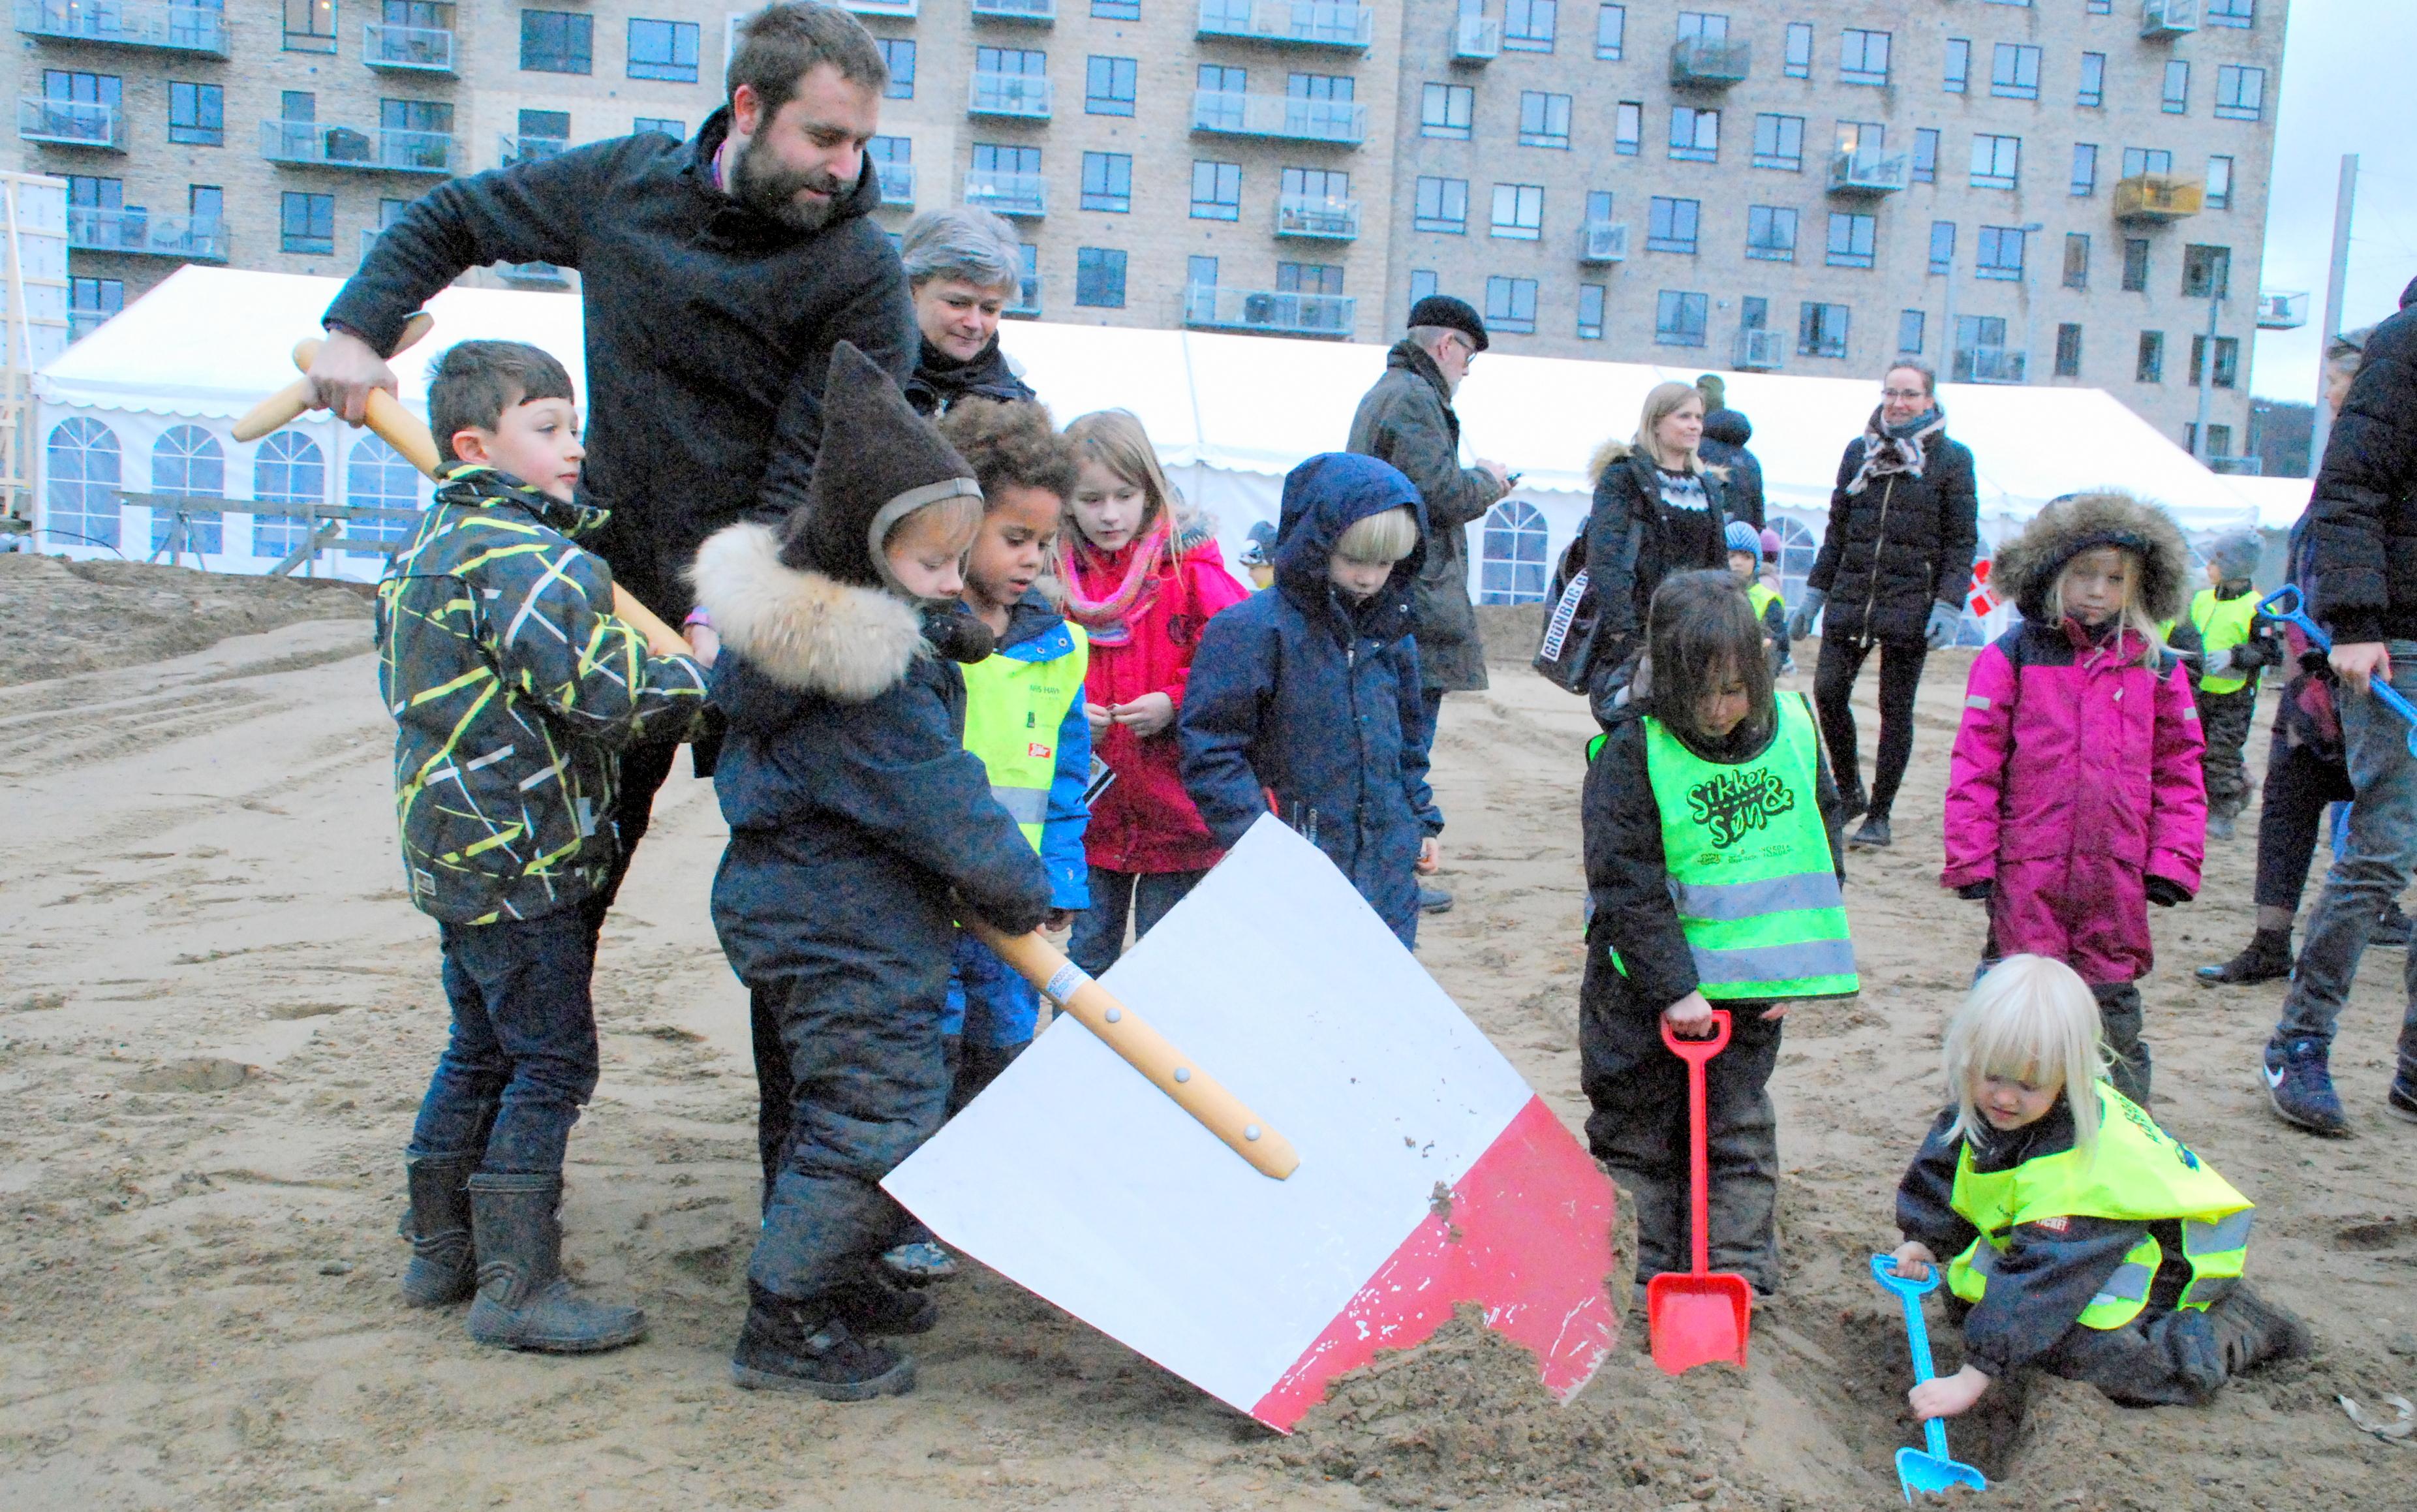 Børn fra omkringliggende børnehaver var med til at tage det første spadestik til Generationernes Hus i Aarhus Ø. Foto: Ulla Skovsbøl